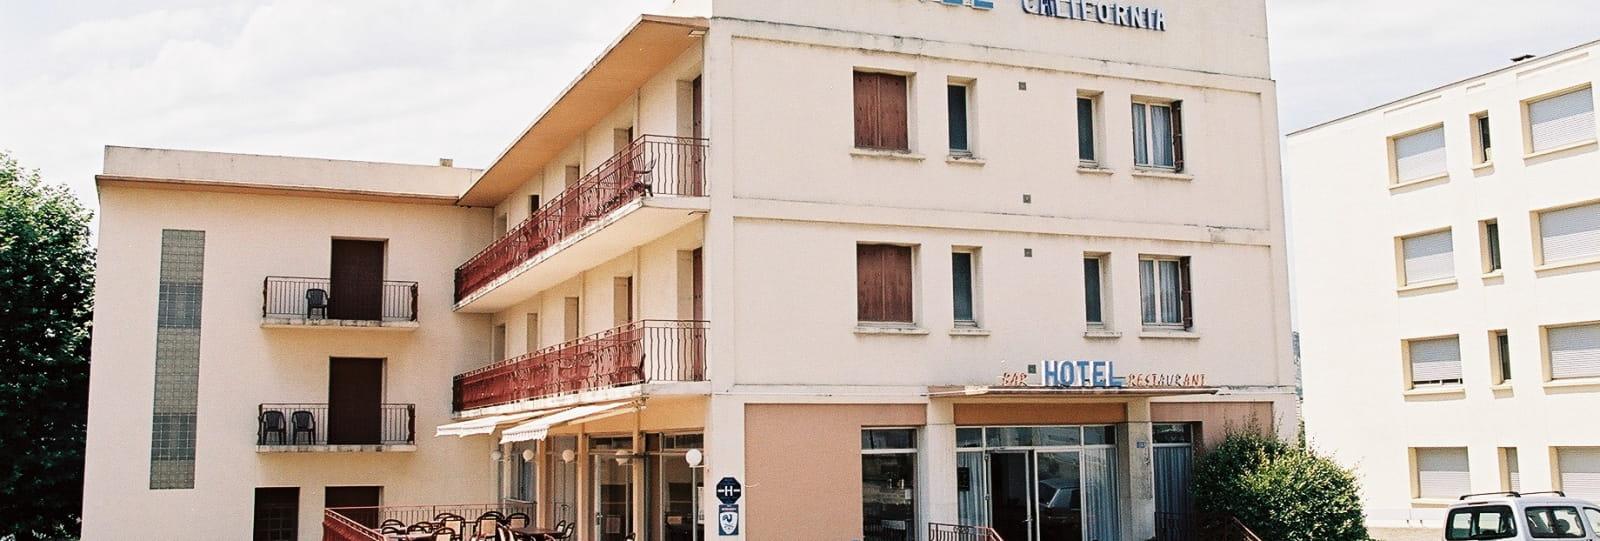 Hôtel-Restaurant California